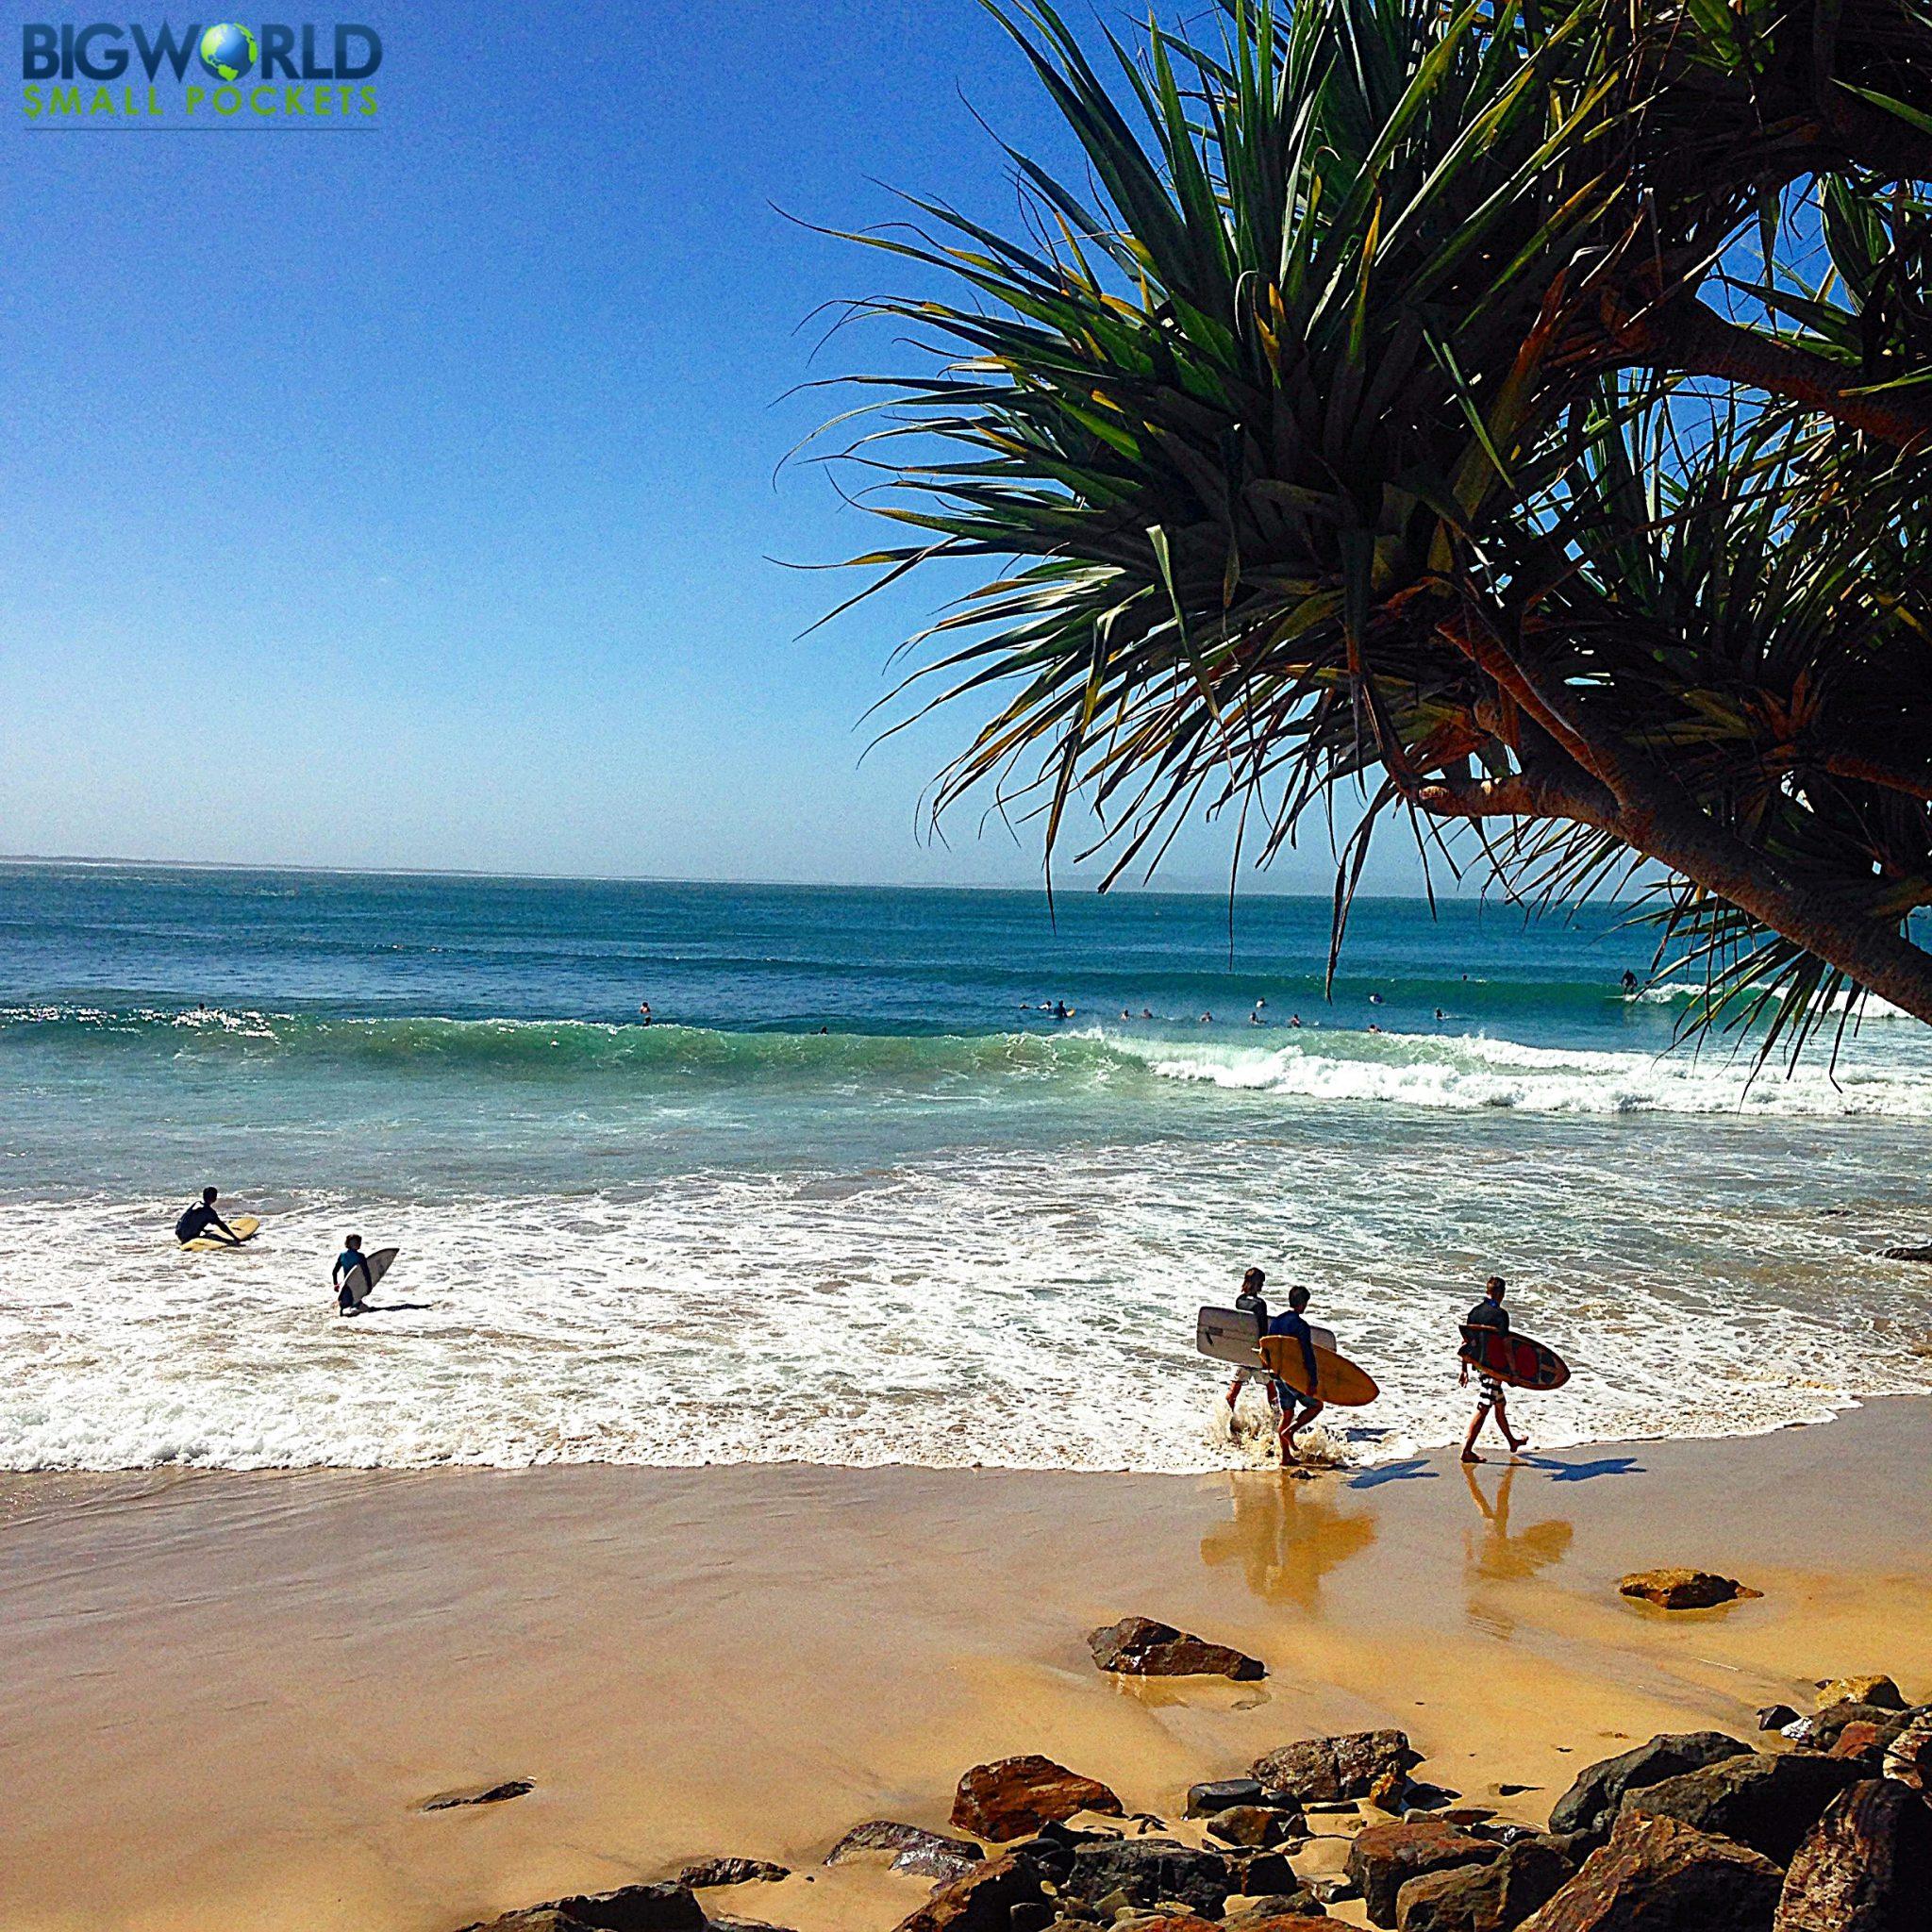 Australia, Noosa, Surfers on Beach